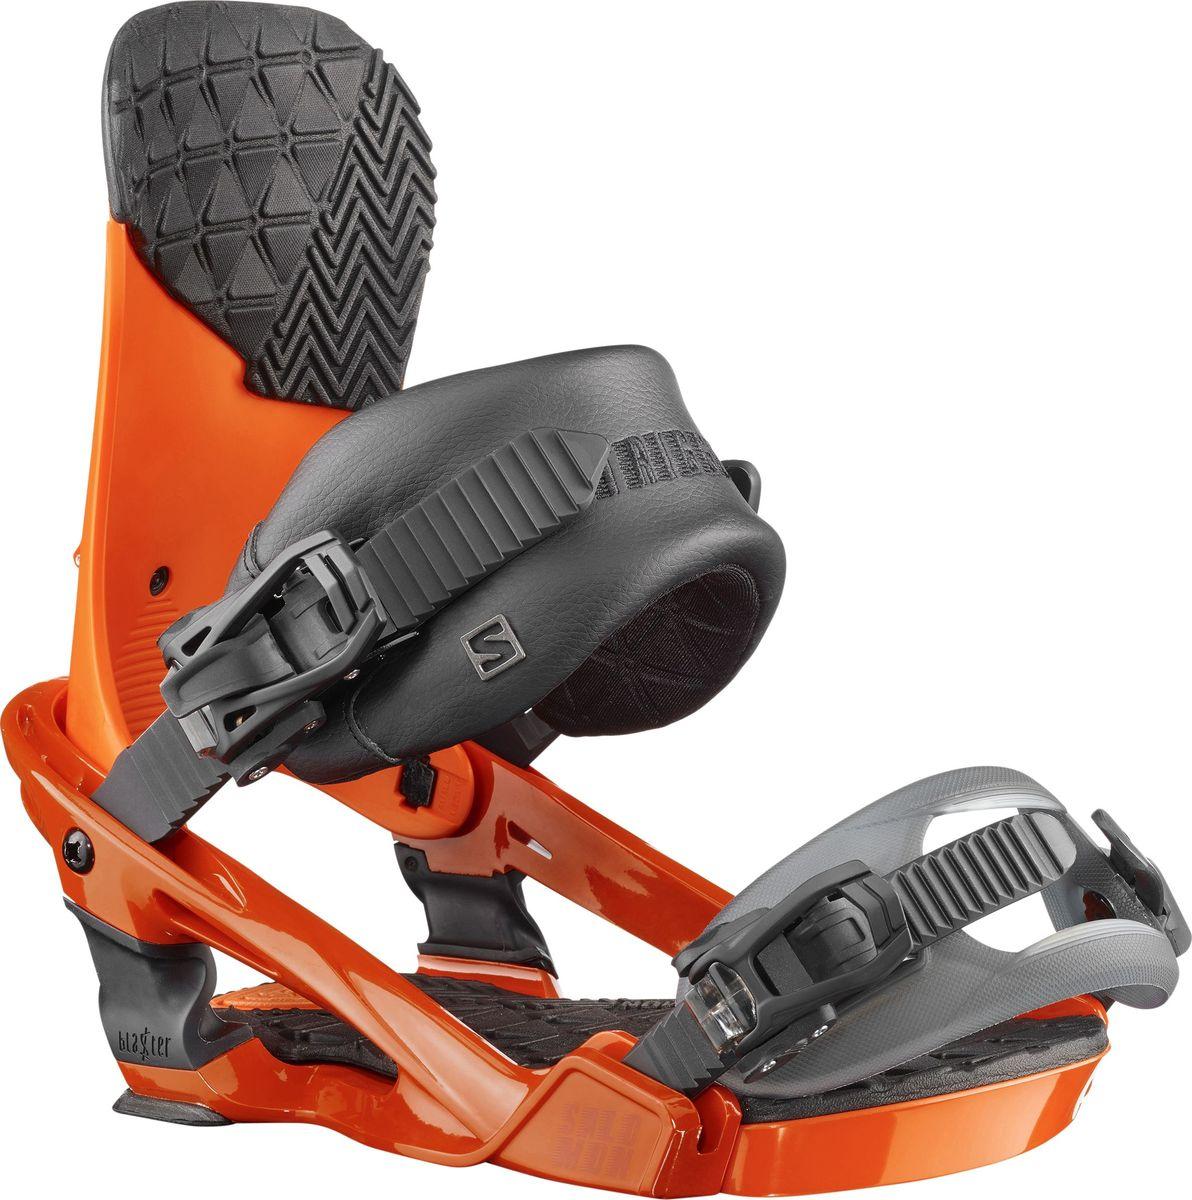 Крепление для сноуборда Salomon Trigger, цвет: оранжевый. Размер SL39836300Абсолютно новые крепления для сноуборда Salomon Trigger средней жесткости, разработанные специально для Криса Гренье, отлично подойдут для фристайла и катания в пайпе. Технология Blaster Tech — интуитивное соединение Freestyle Jib, выполняющее роль динамической подвески, поглощает удары, выравнивает катание и обеспечивает лучшую боковую подвижность. Крепления имеют чемпионскую анатомию и самые необходимые характеристики: новую базу Blaster, стрепы 3D Prime и Lock-In Deluxe Toe, и минималистичный хайбек.